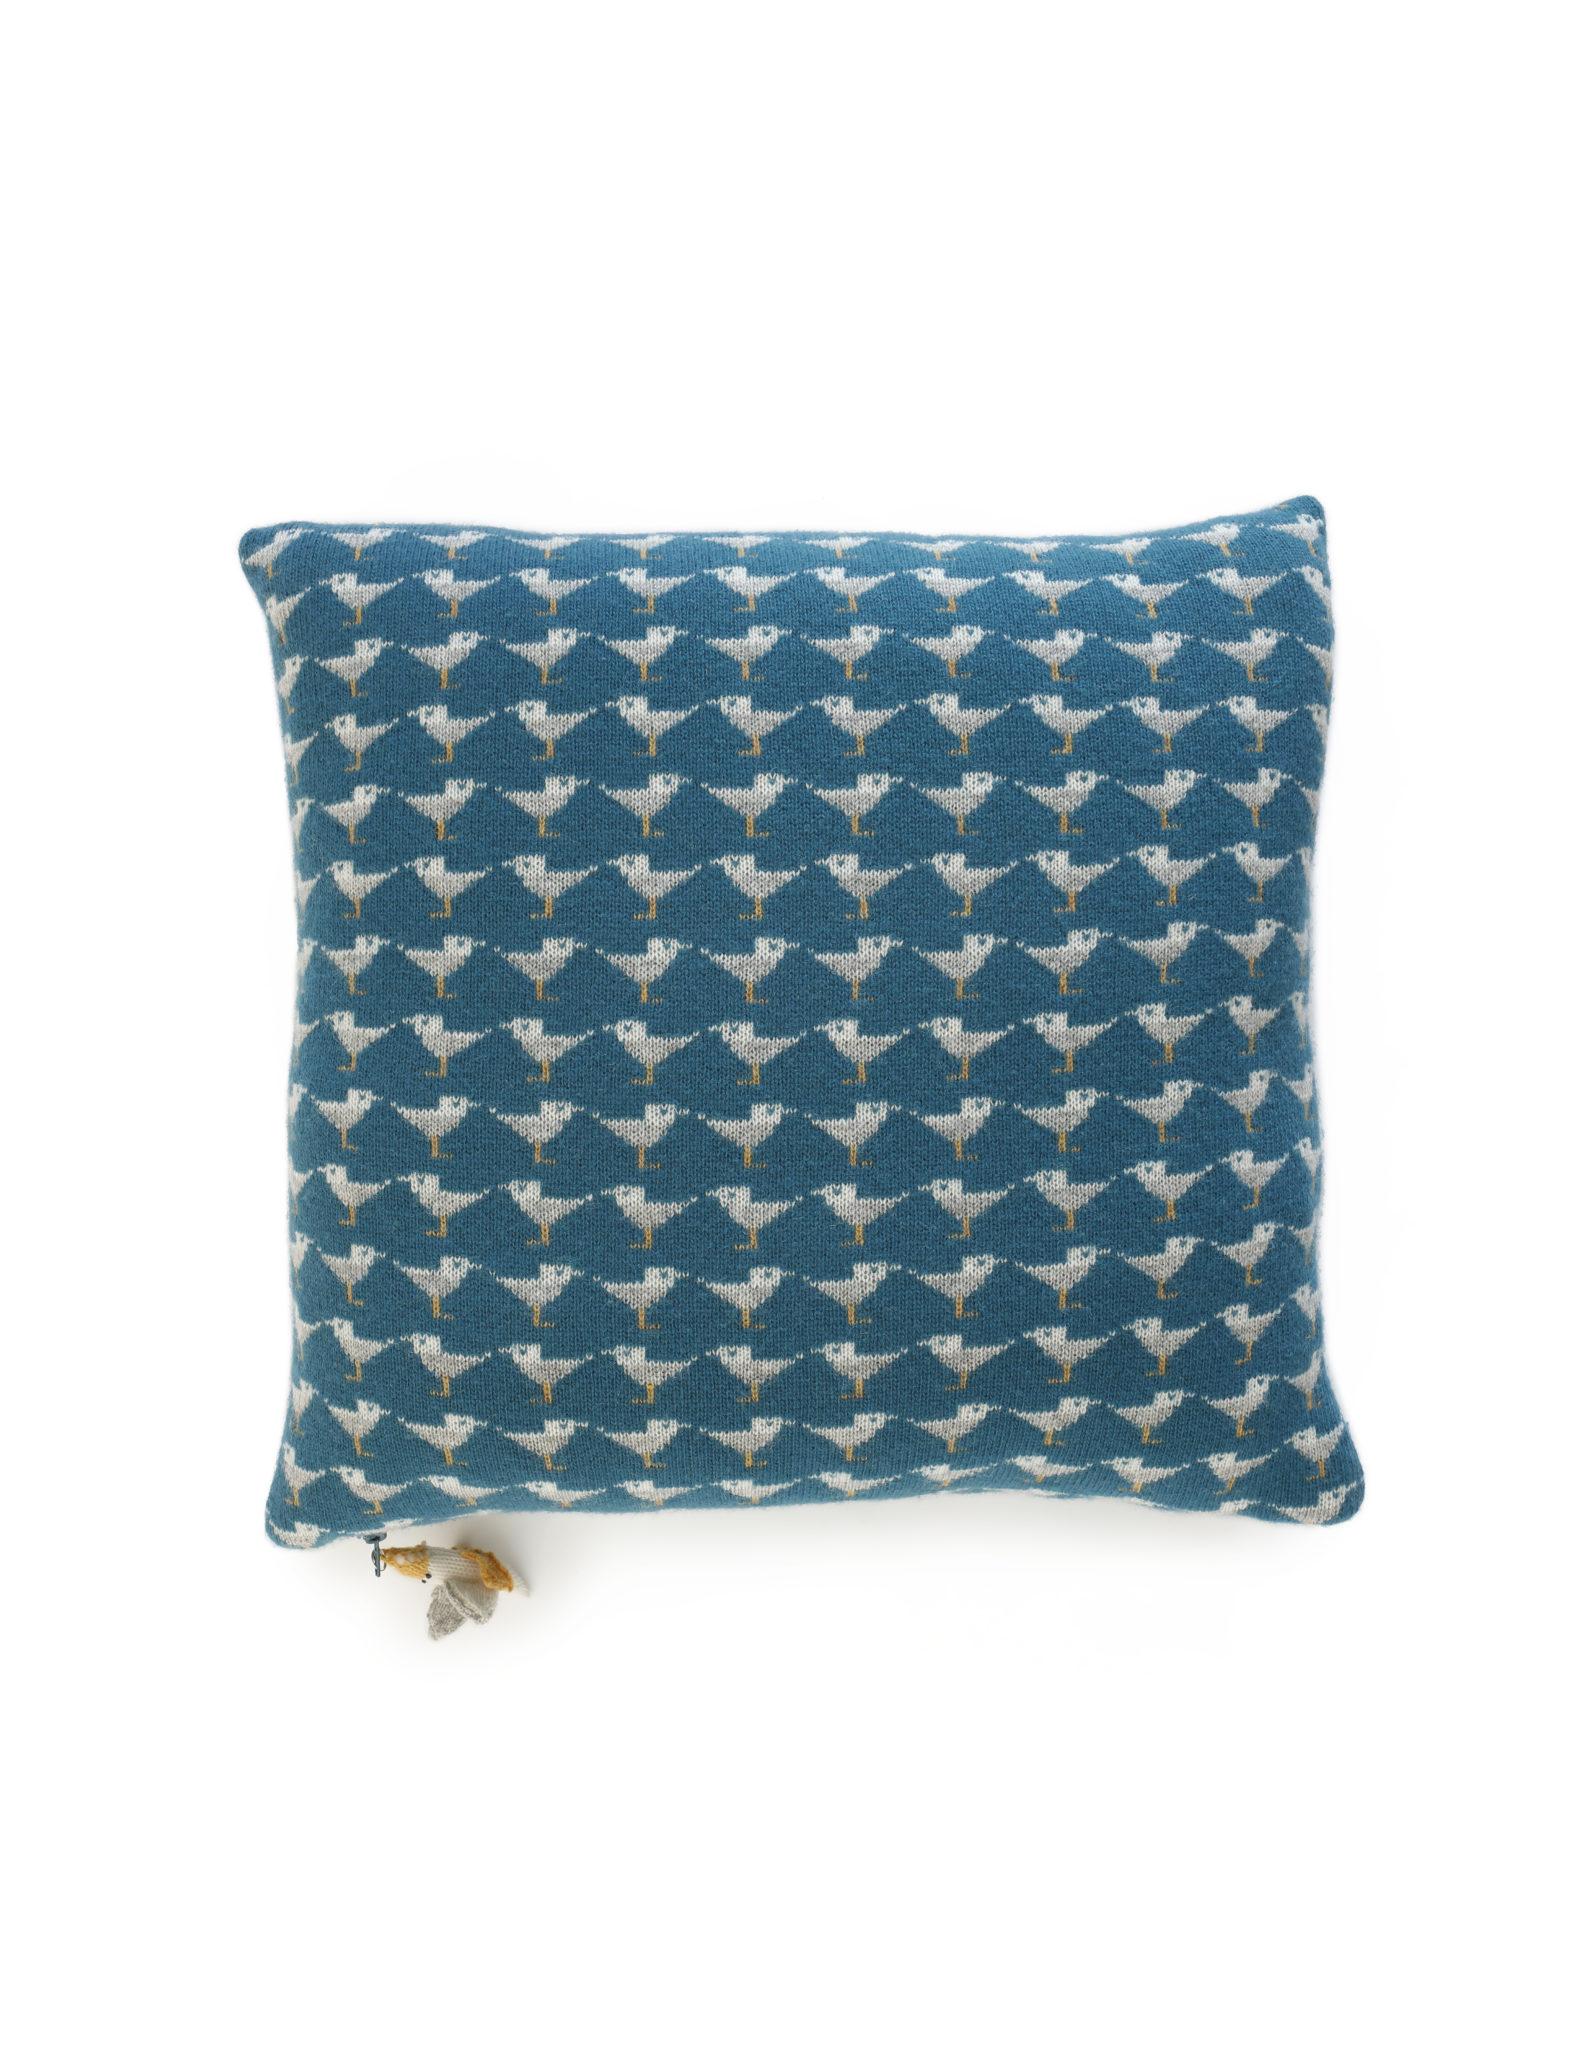 Brighton Seagull Cushion